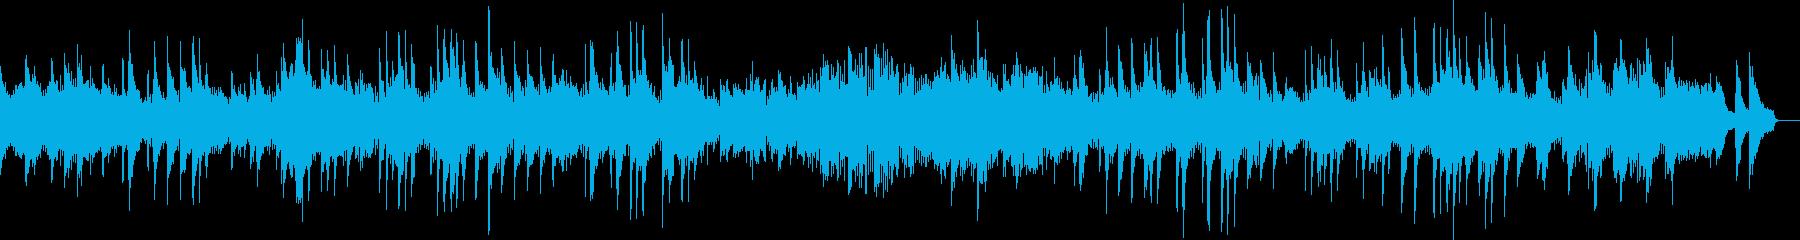 ベードベン 月光 第一楽章 ピアノの再生済みの波形